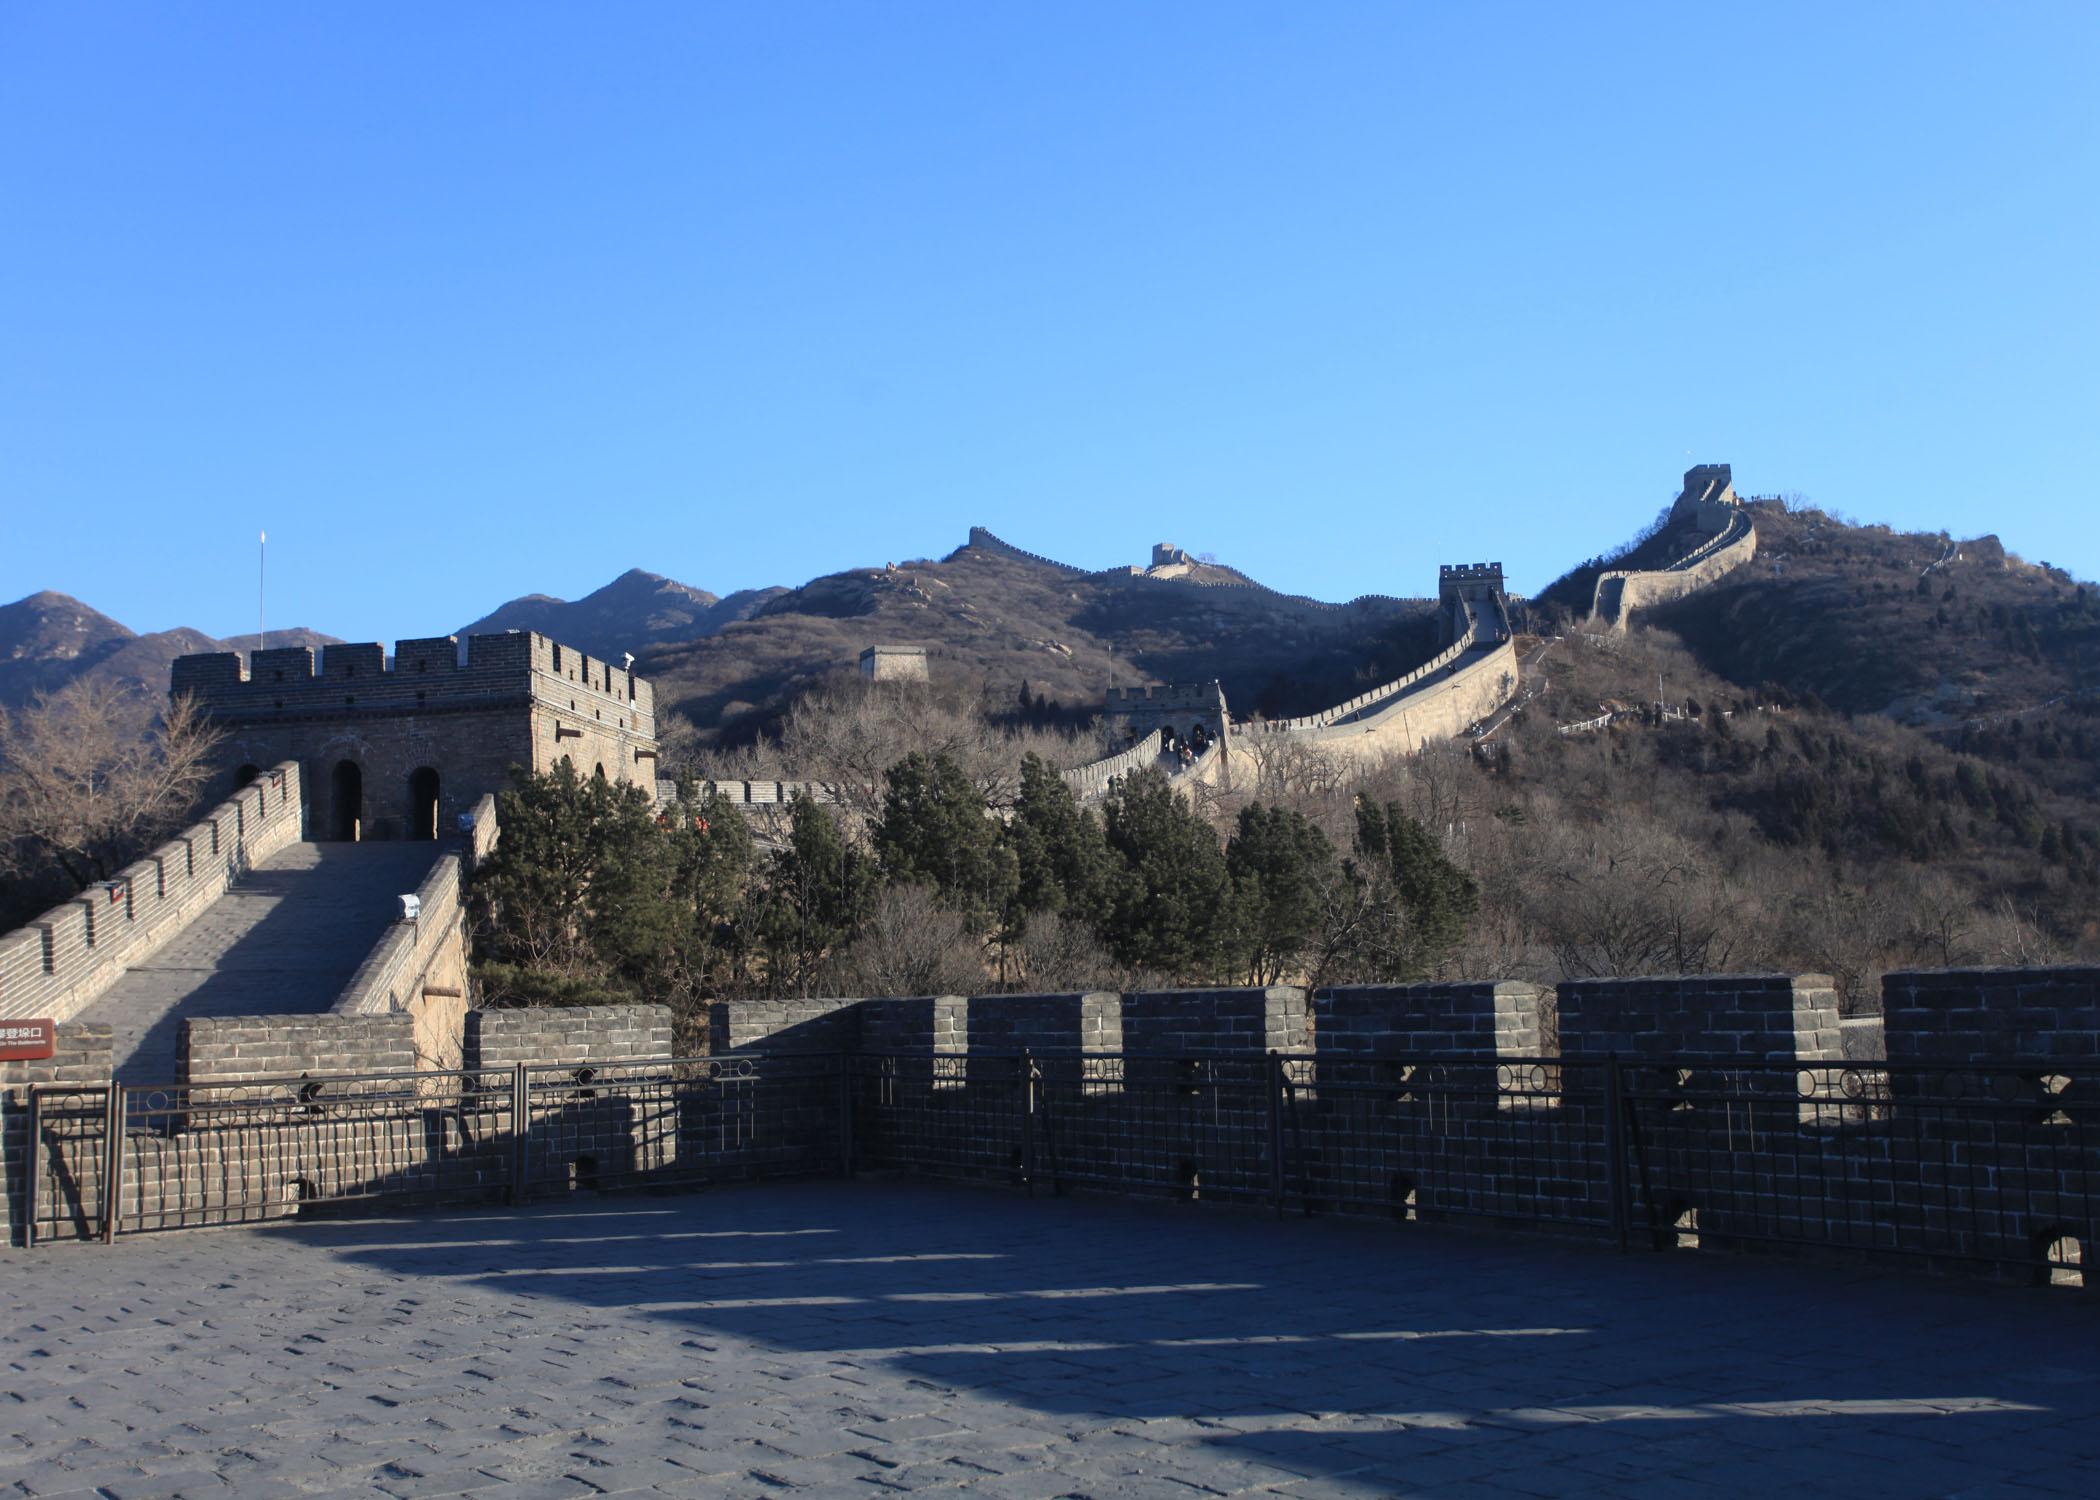 """""""北京颐和园导游图""""适用于下列哪种情况AA. 小丁到... _答案网"""